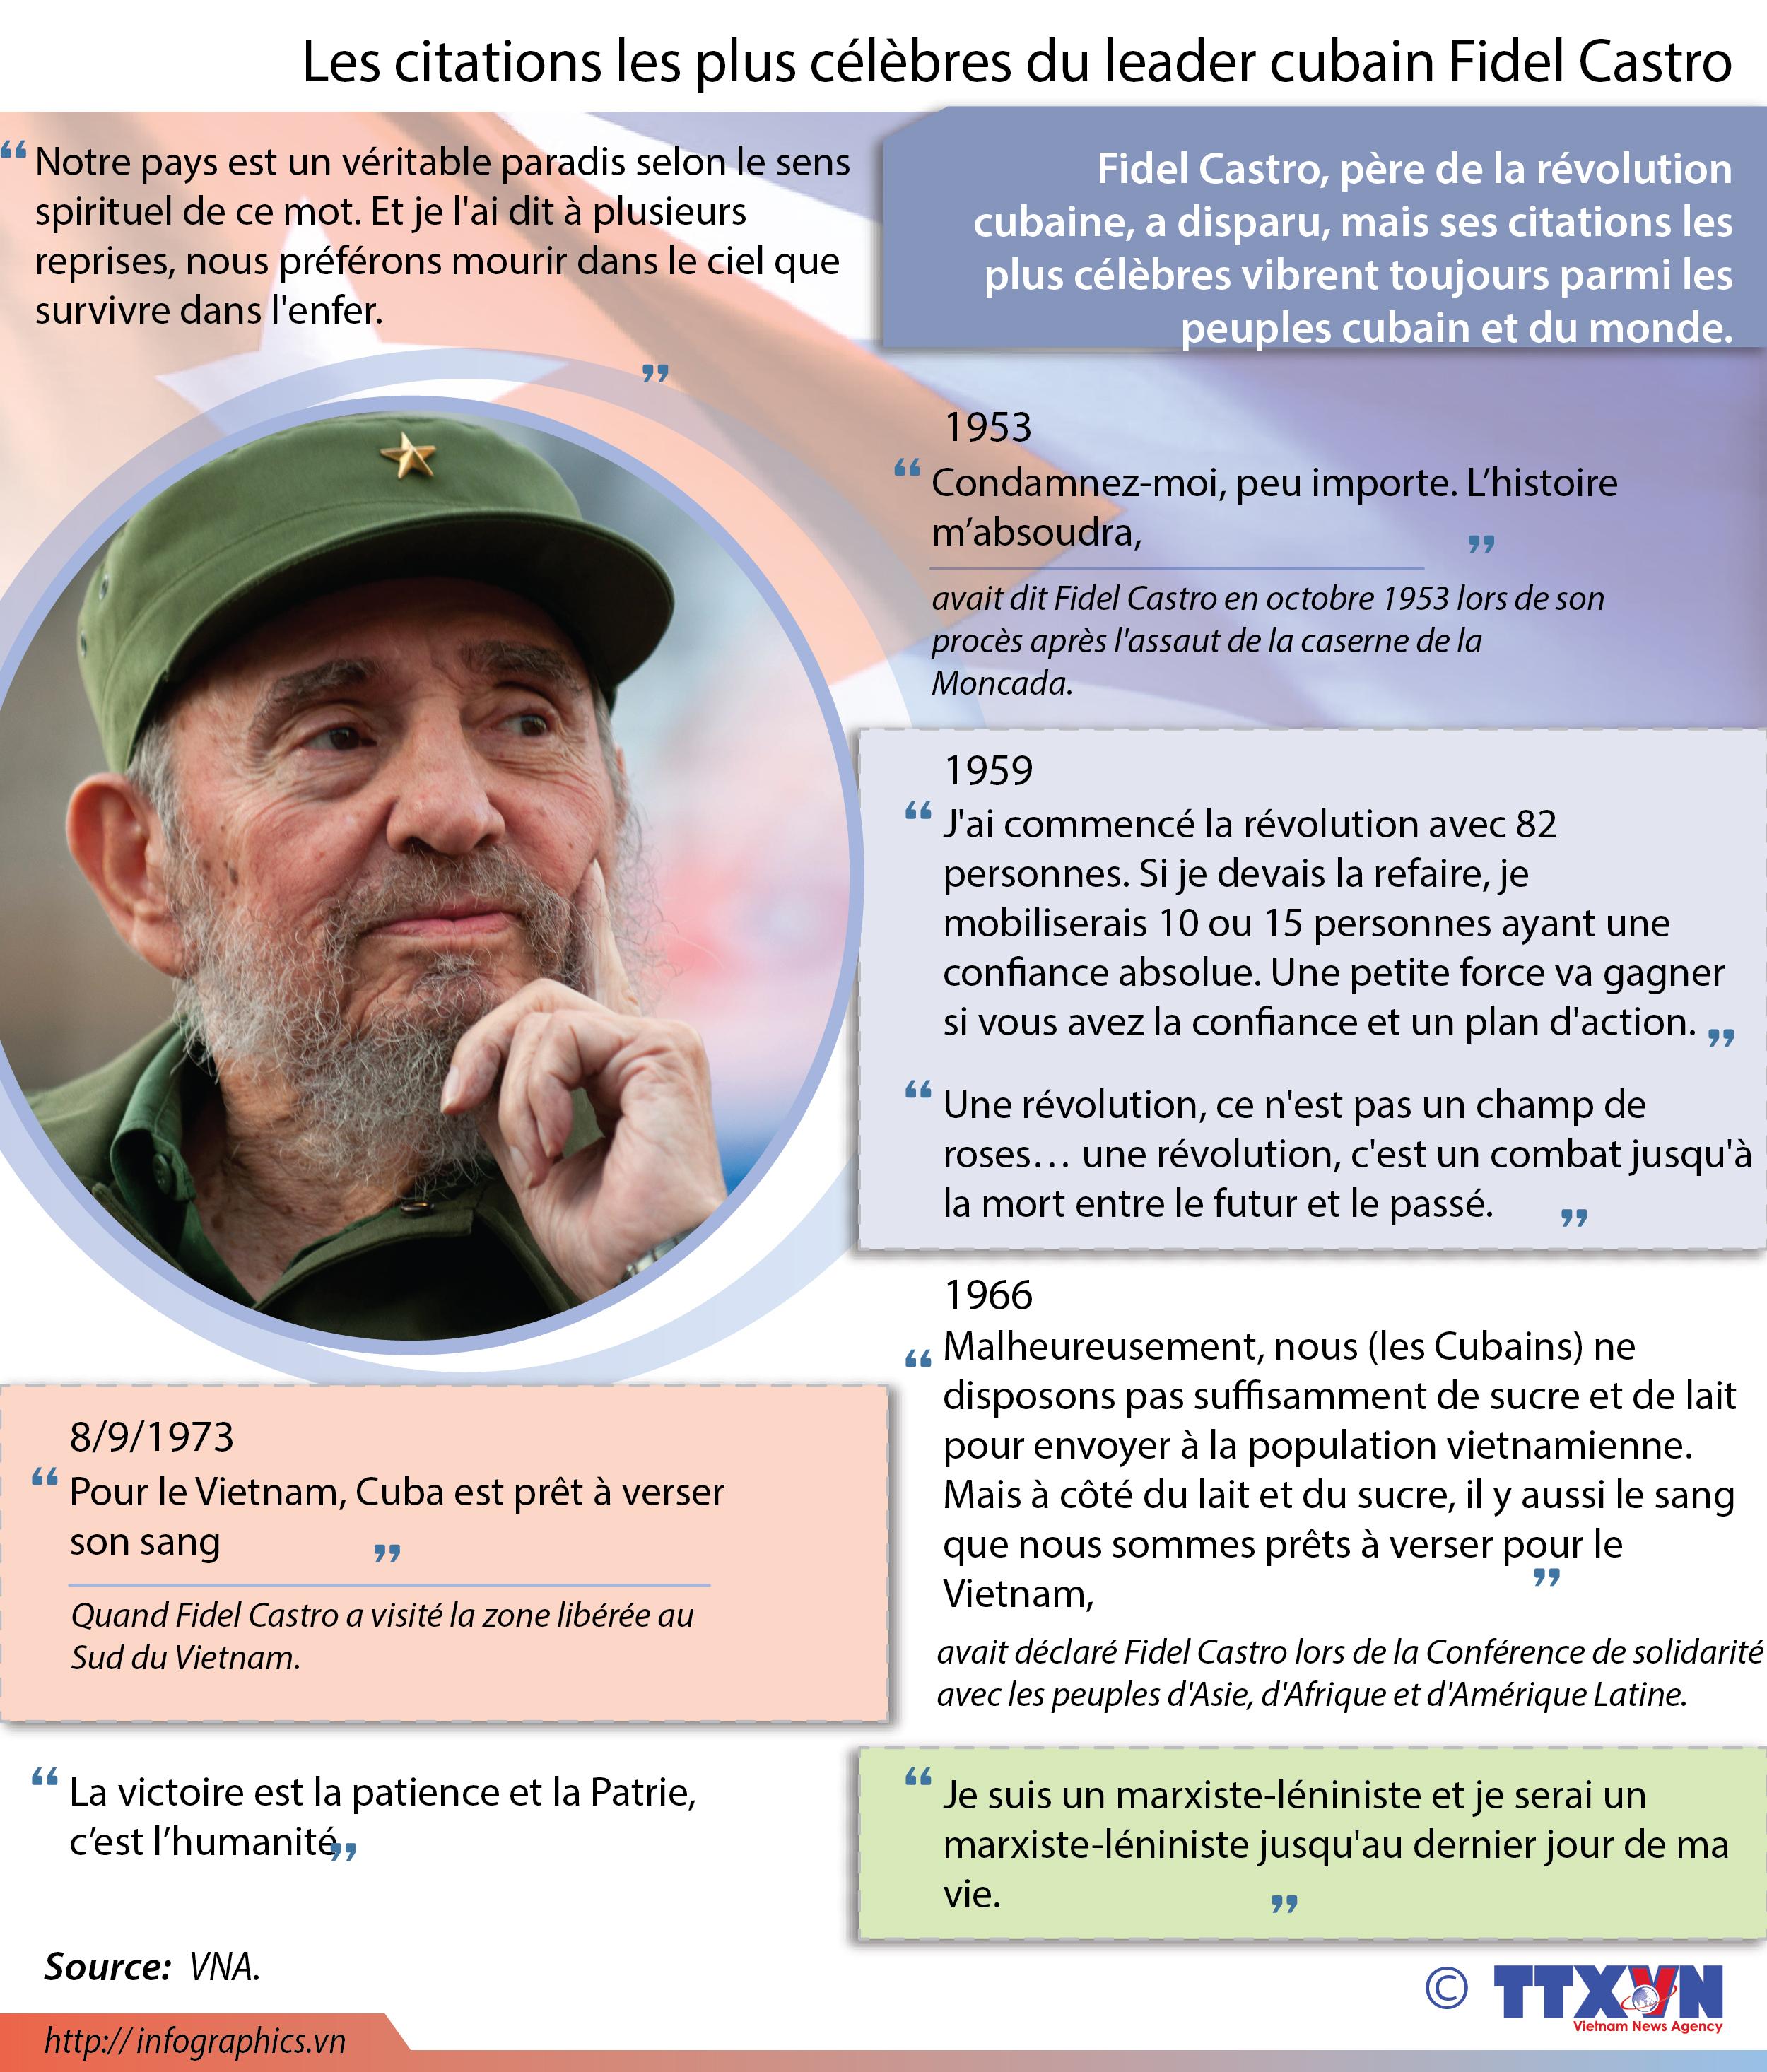 Les Citations Les Plus Célèbres Du Leader Cubain Fidel